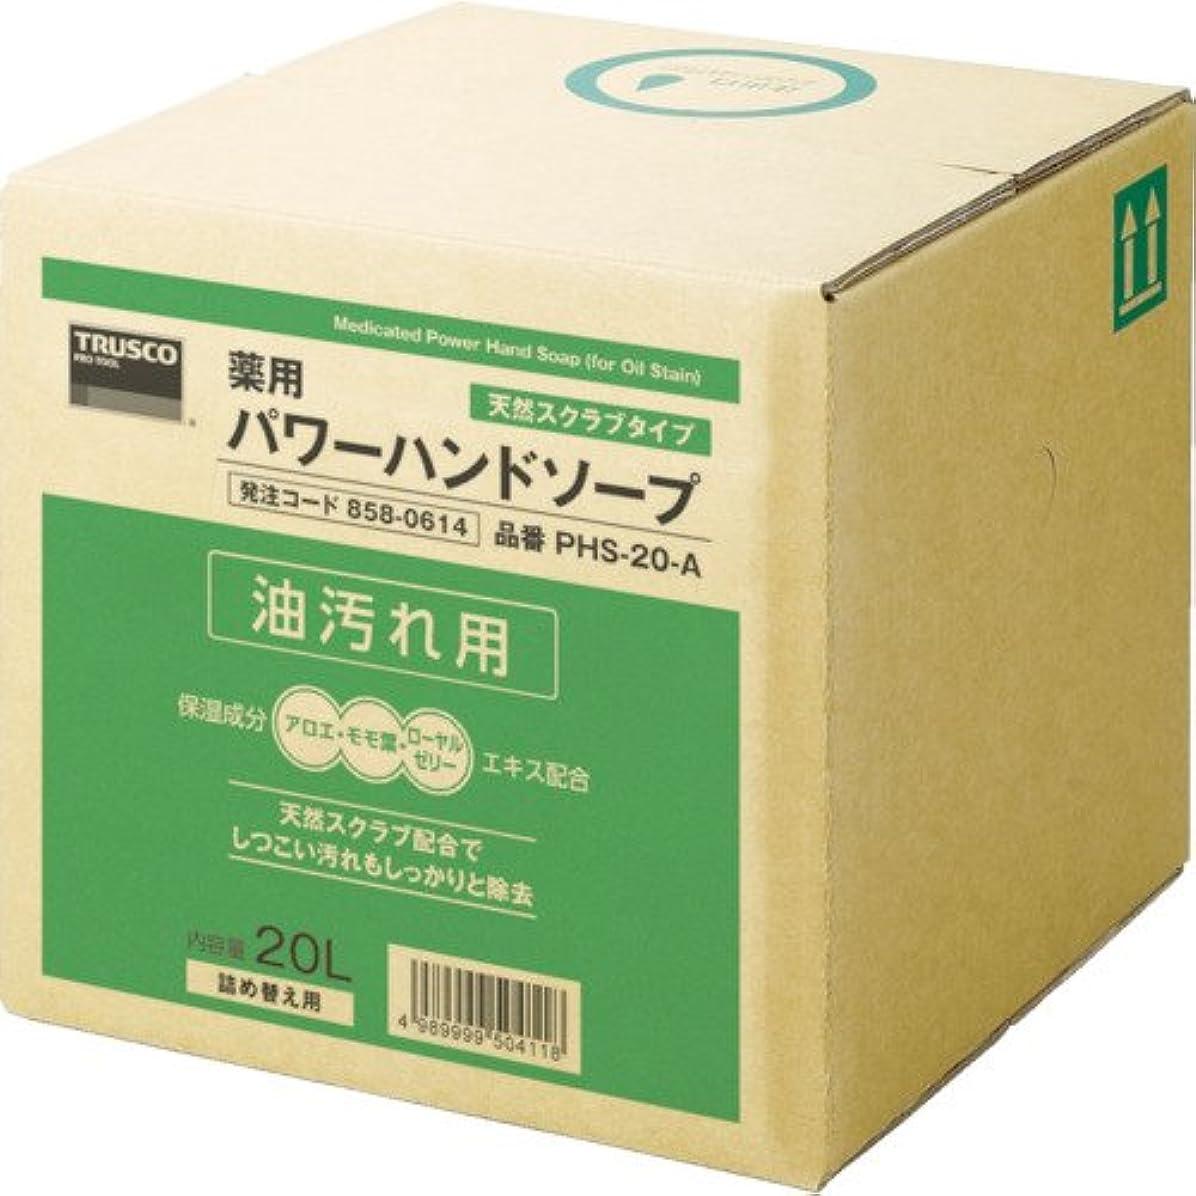 収束眠っている好意トラスコ中山 株 TRUSCO 薬用パワーハンドソープ 20L PHS-20-A